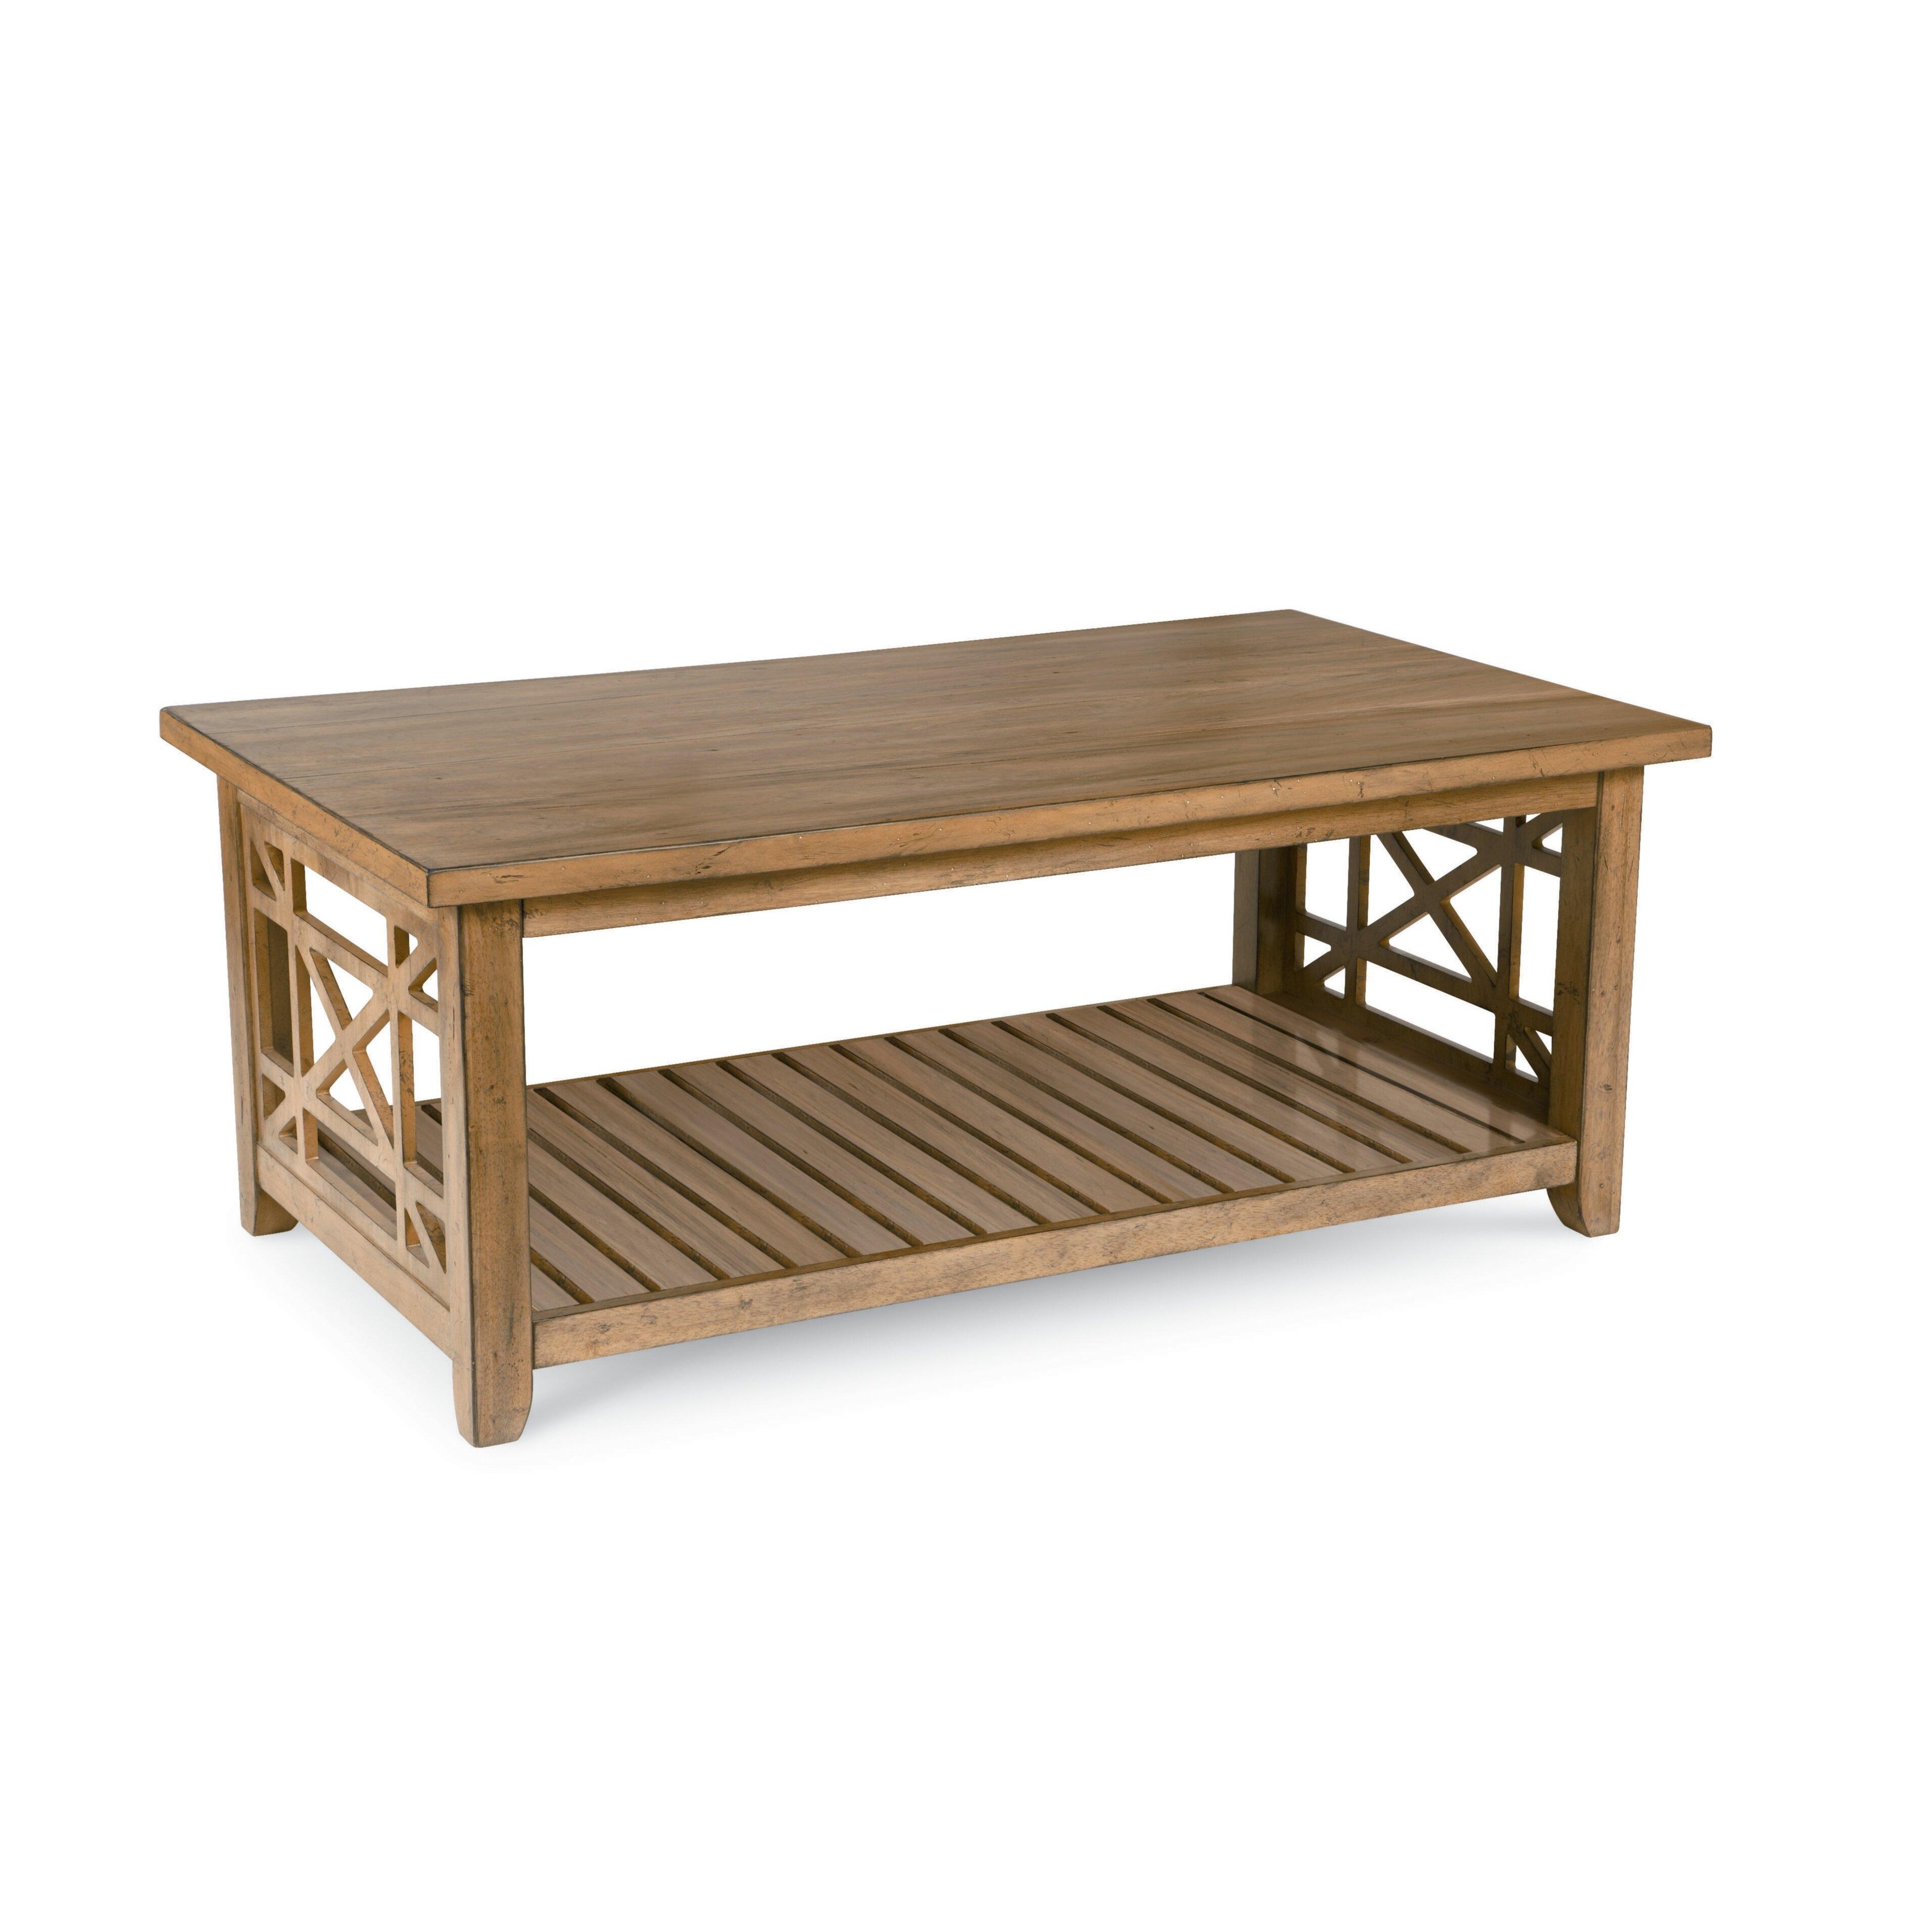 Broyhillr frasier coffee table wayfair for Frasier coffee table